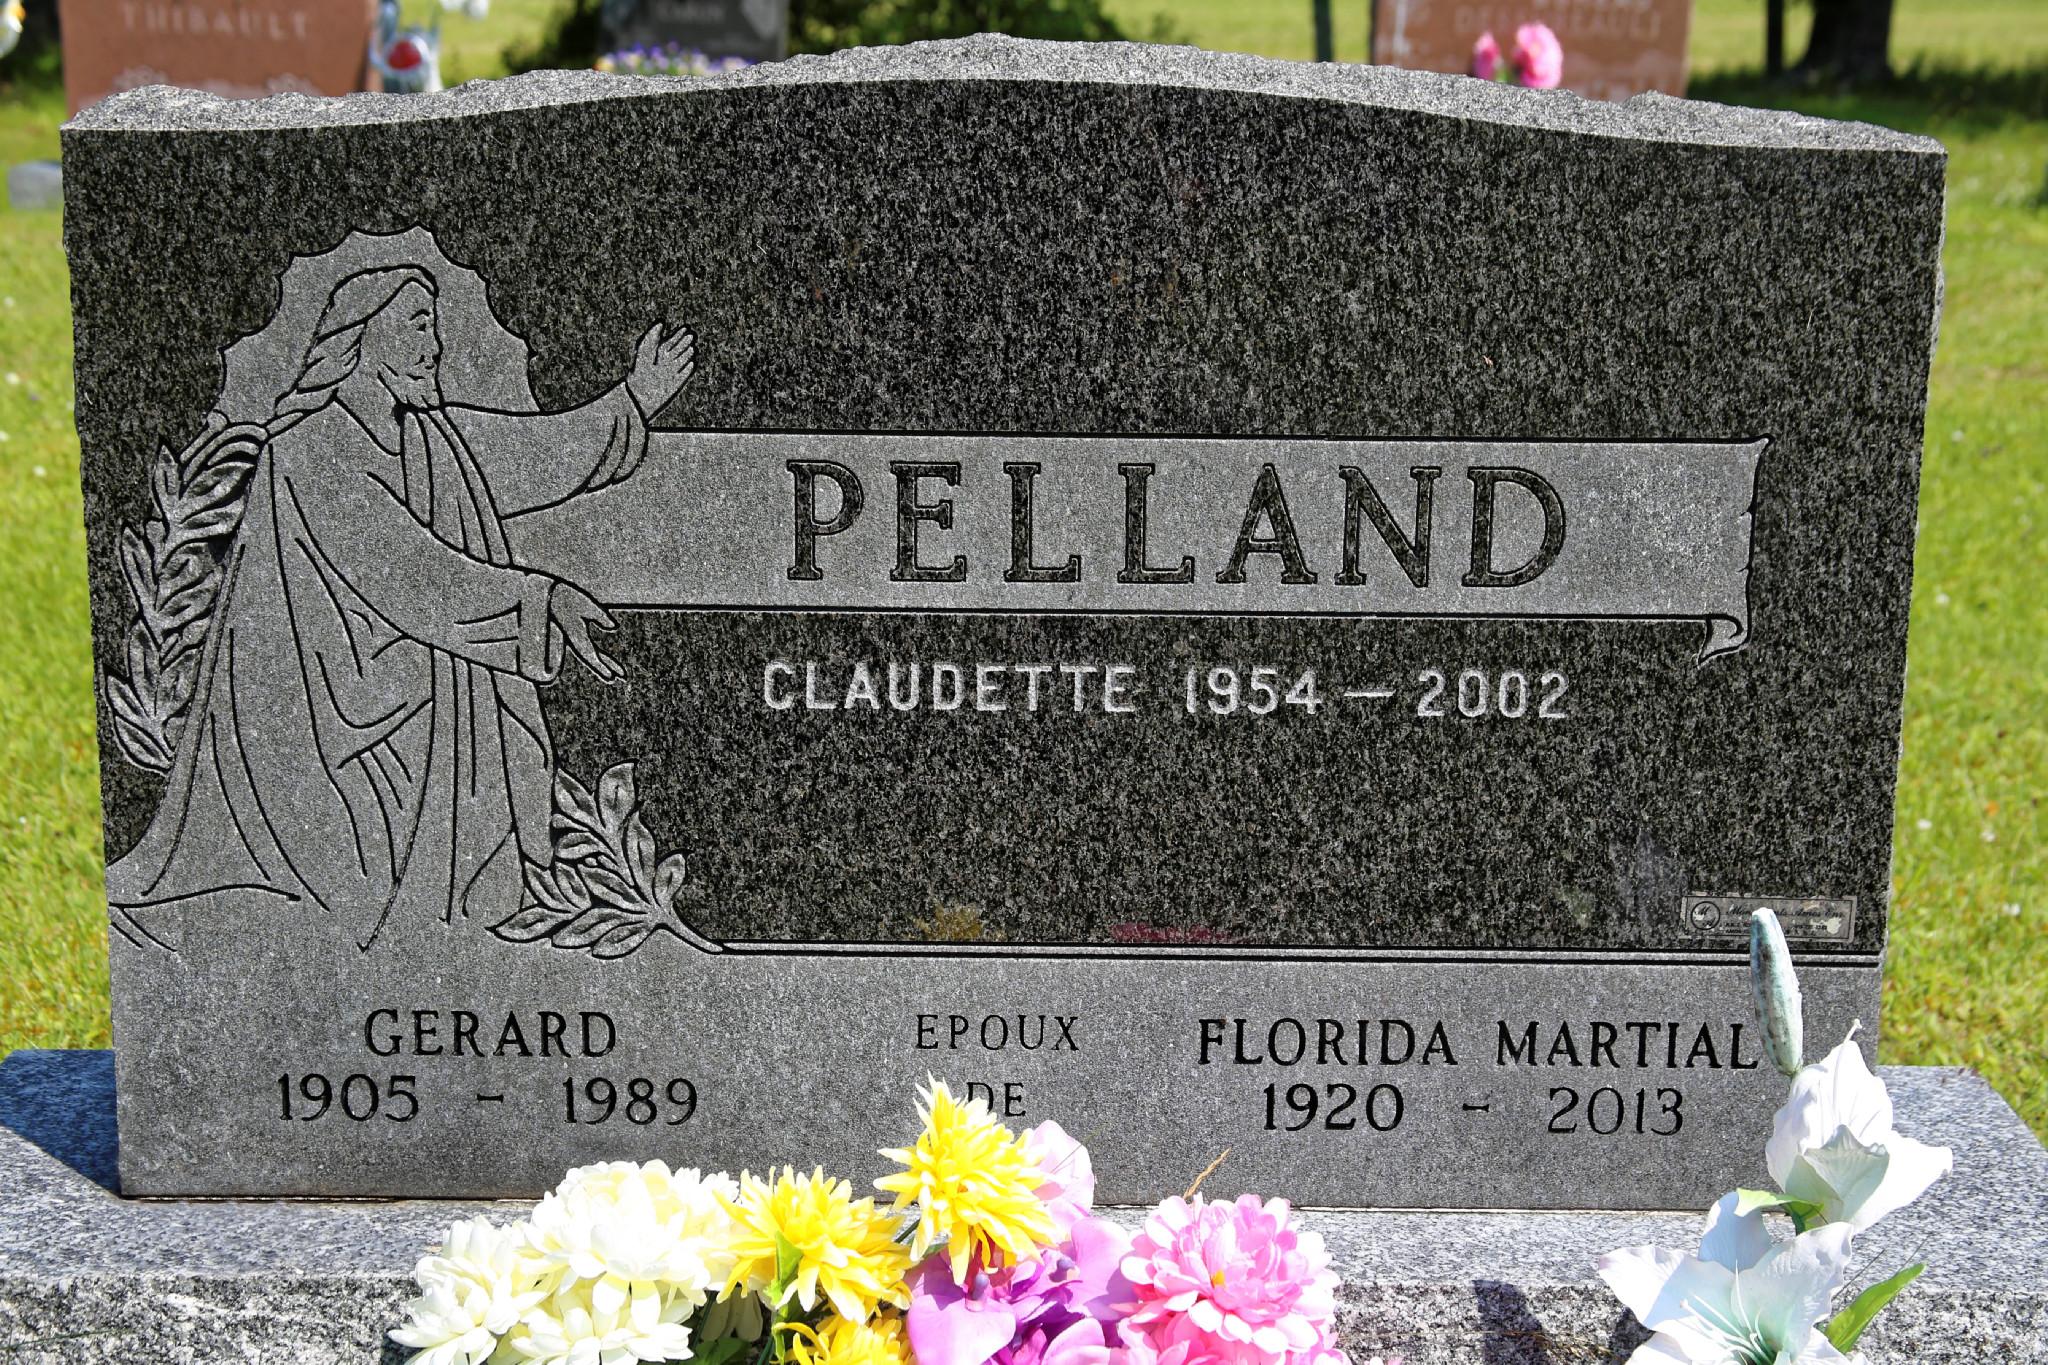 Gérard Pelland